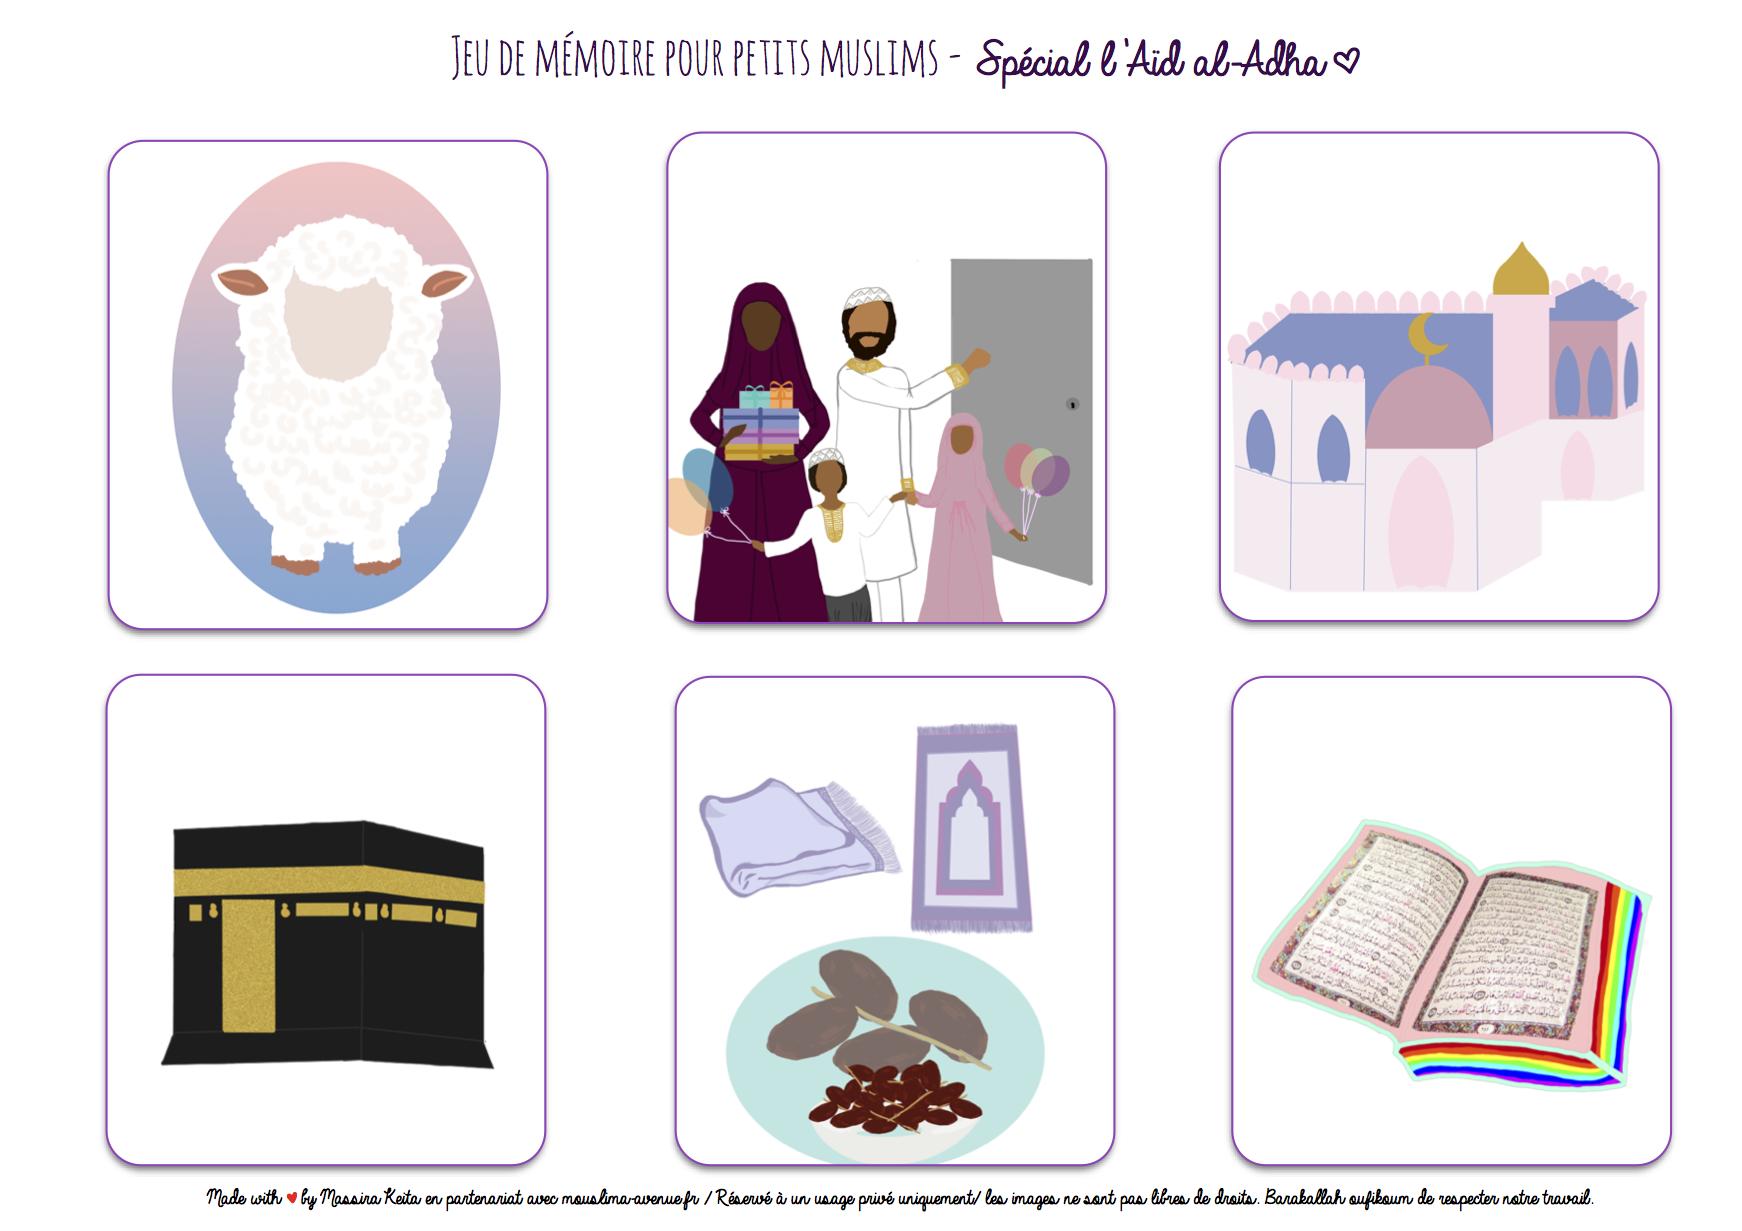 Jeu de m moire pour petits muslims imprimer free printable for muslim kids sp cial eid al - Jeux memoire a imprimer ...